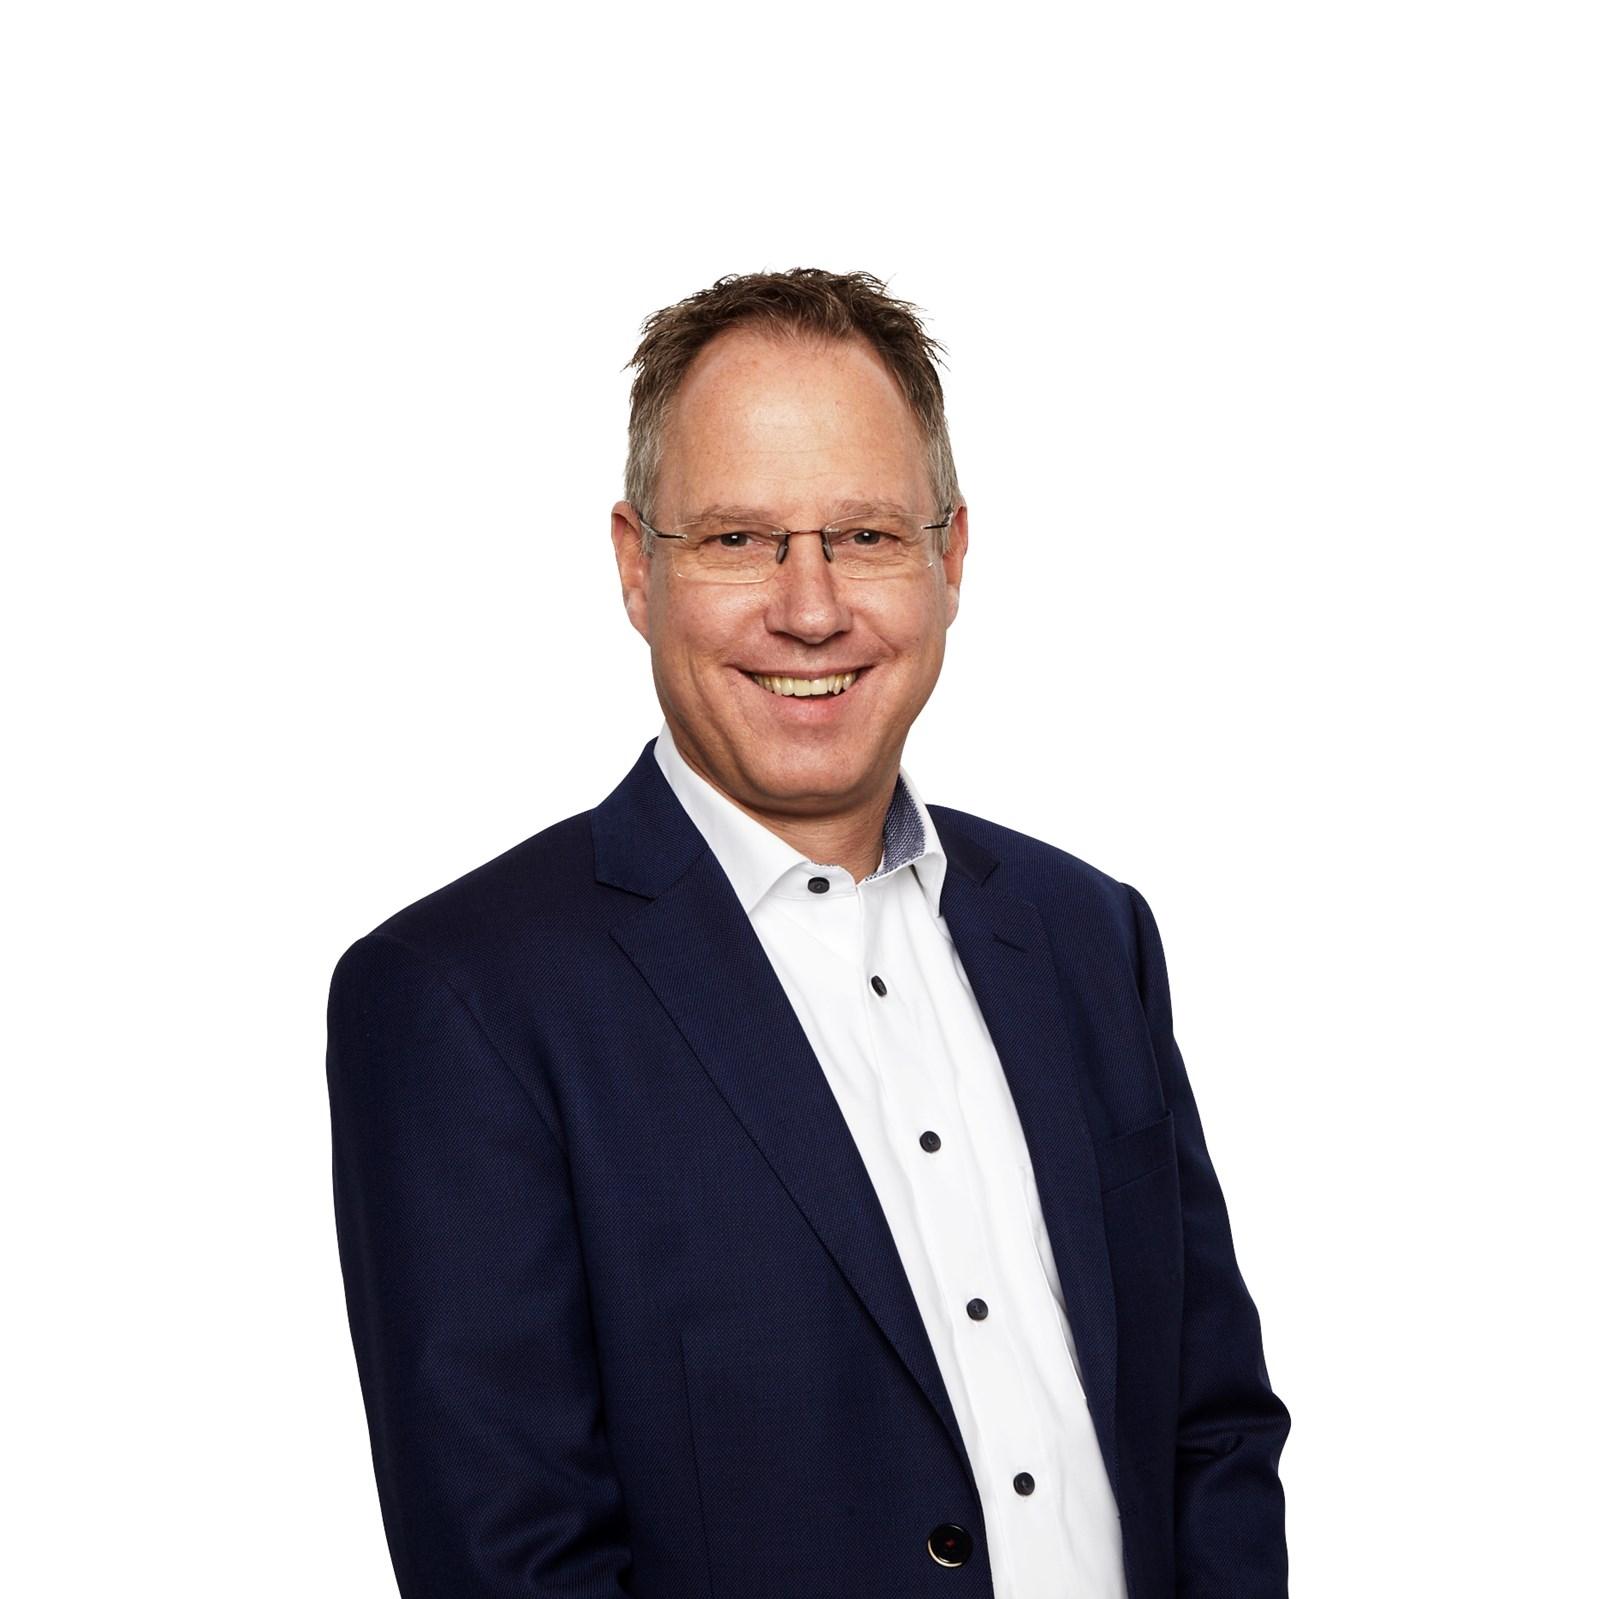 Foto van Jan van de Nieuwegiessen